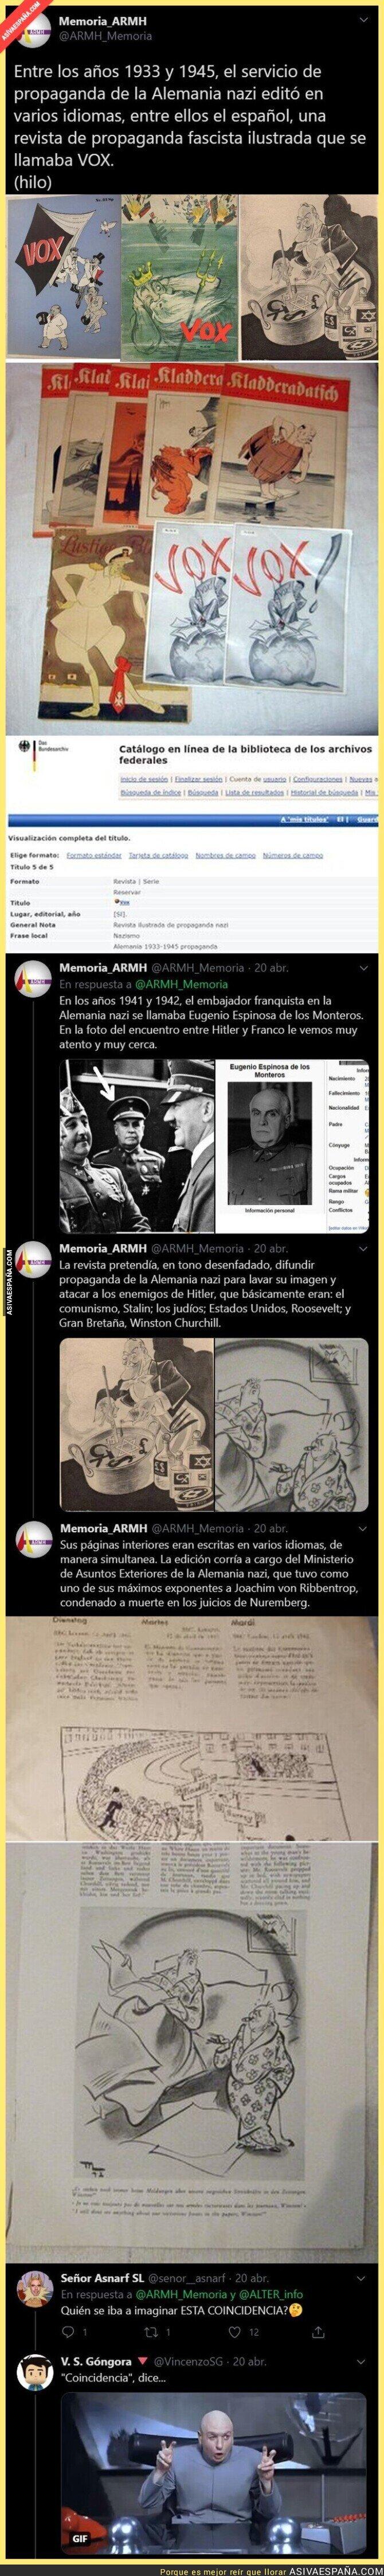 335906 - Entre los años 1933 y 1945 esta es la revista que el servicio de propaganda de la Alemania nazi editó en varios idiomas